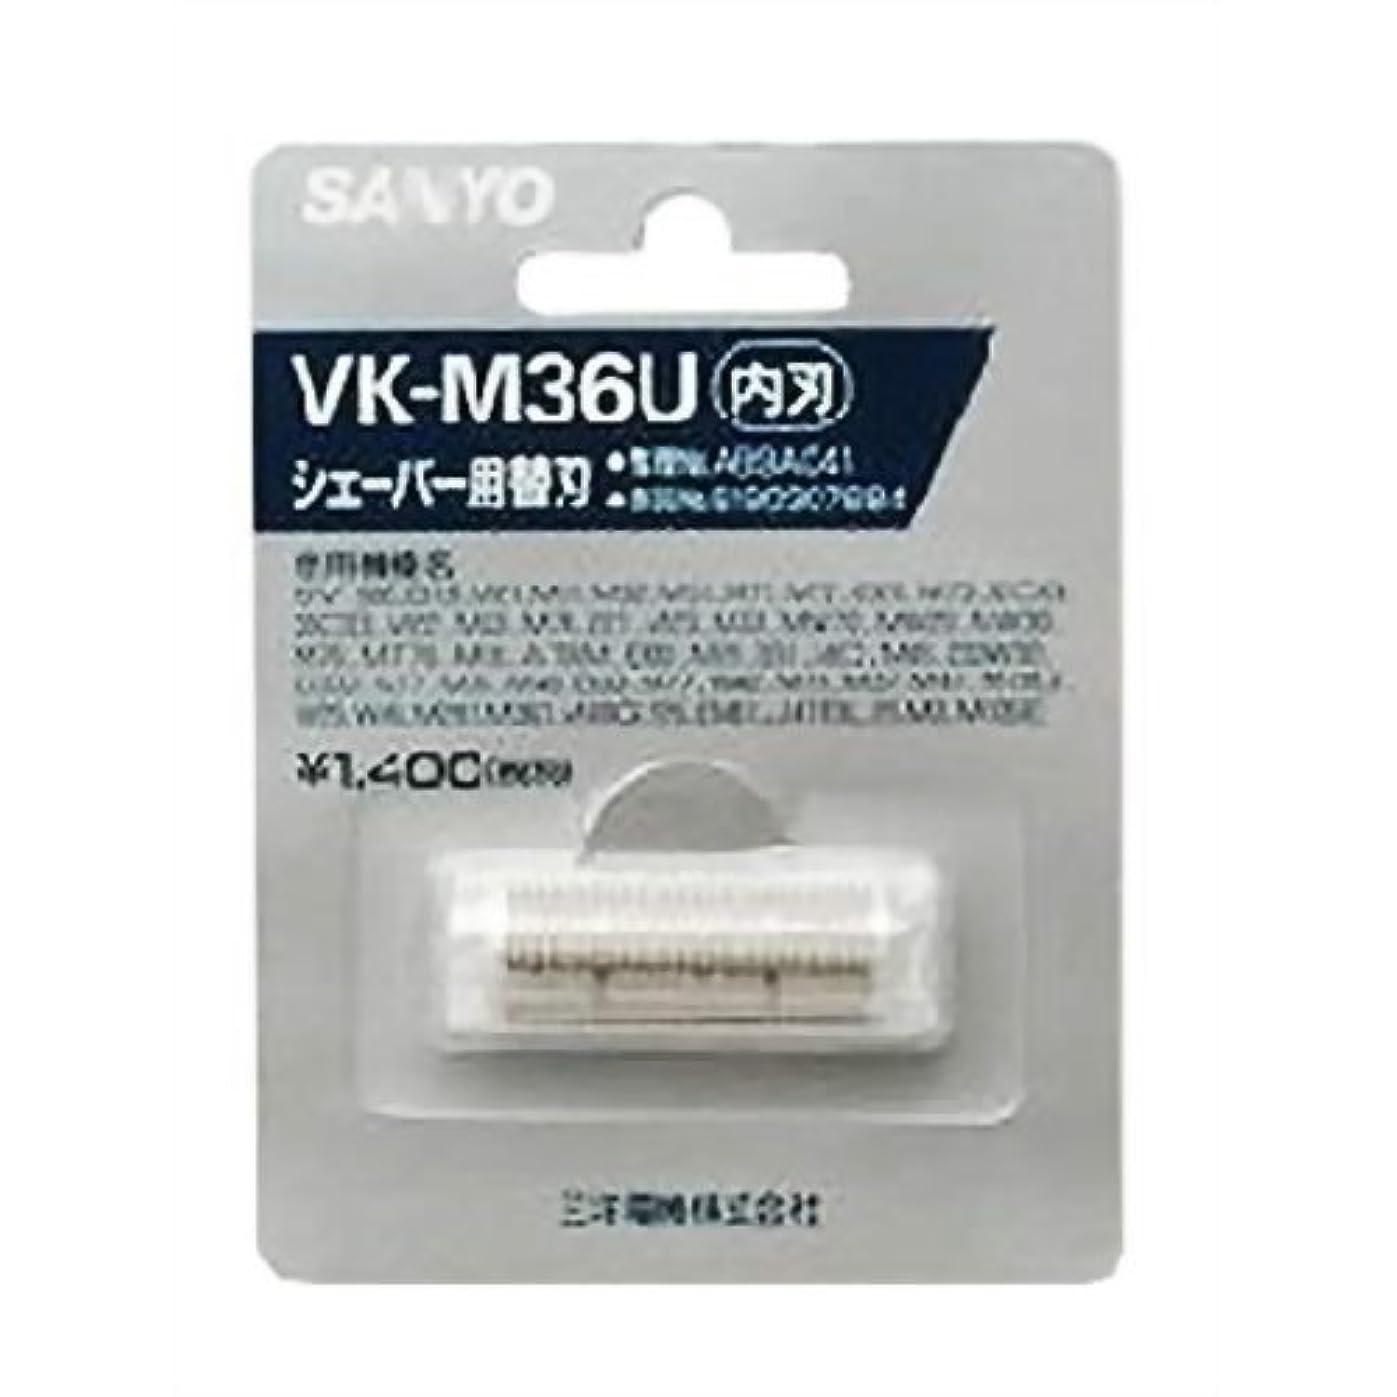 除去ポルノ期限切れSANYO シェーバー用替刃 内刃 KA-VK-M36U